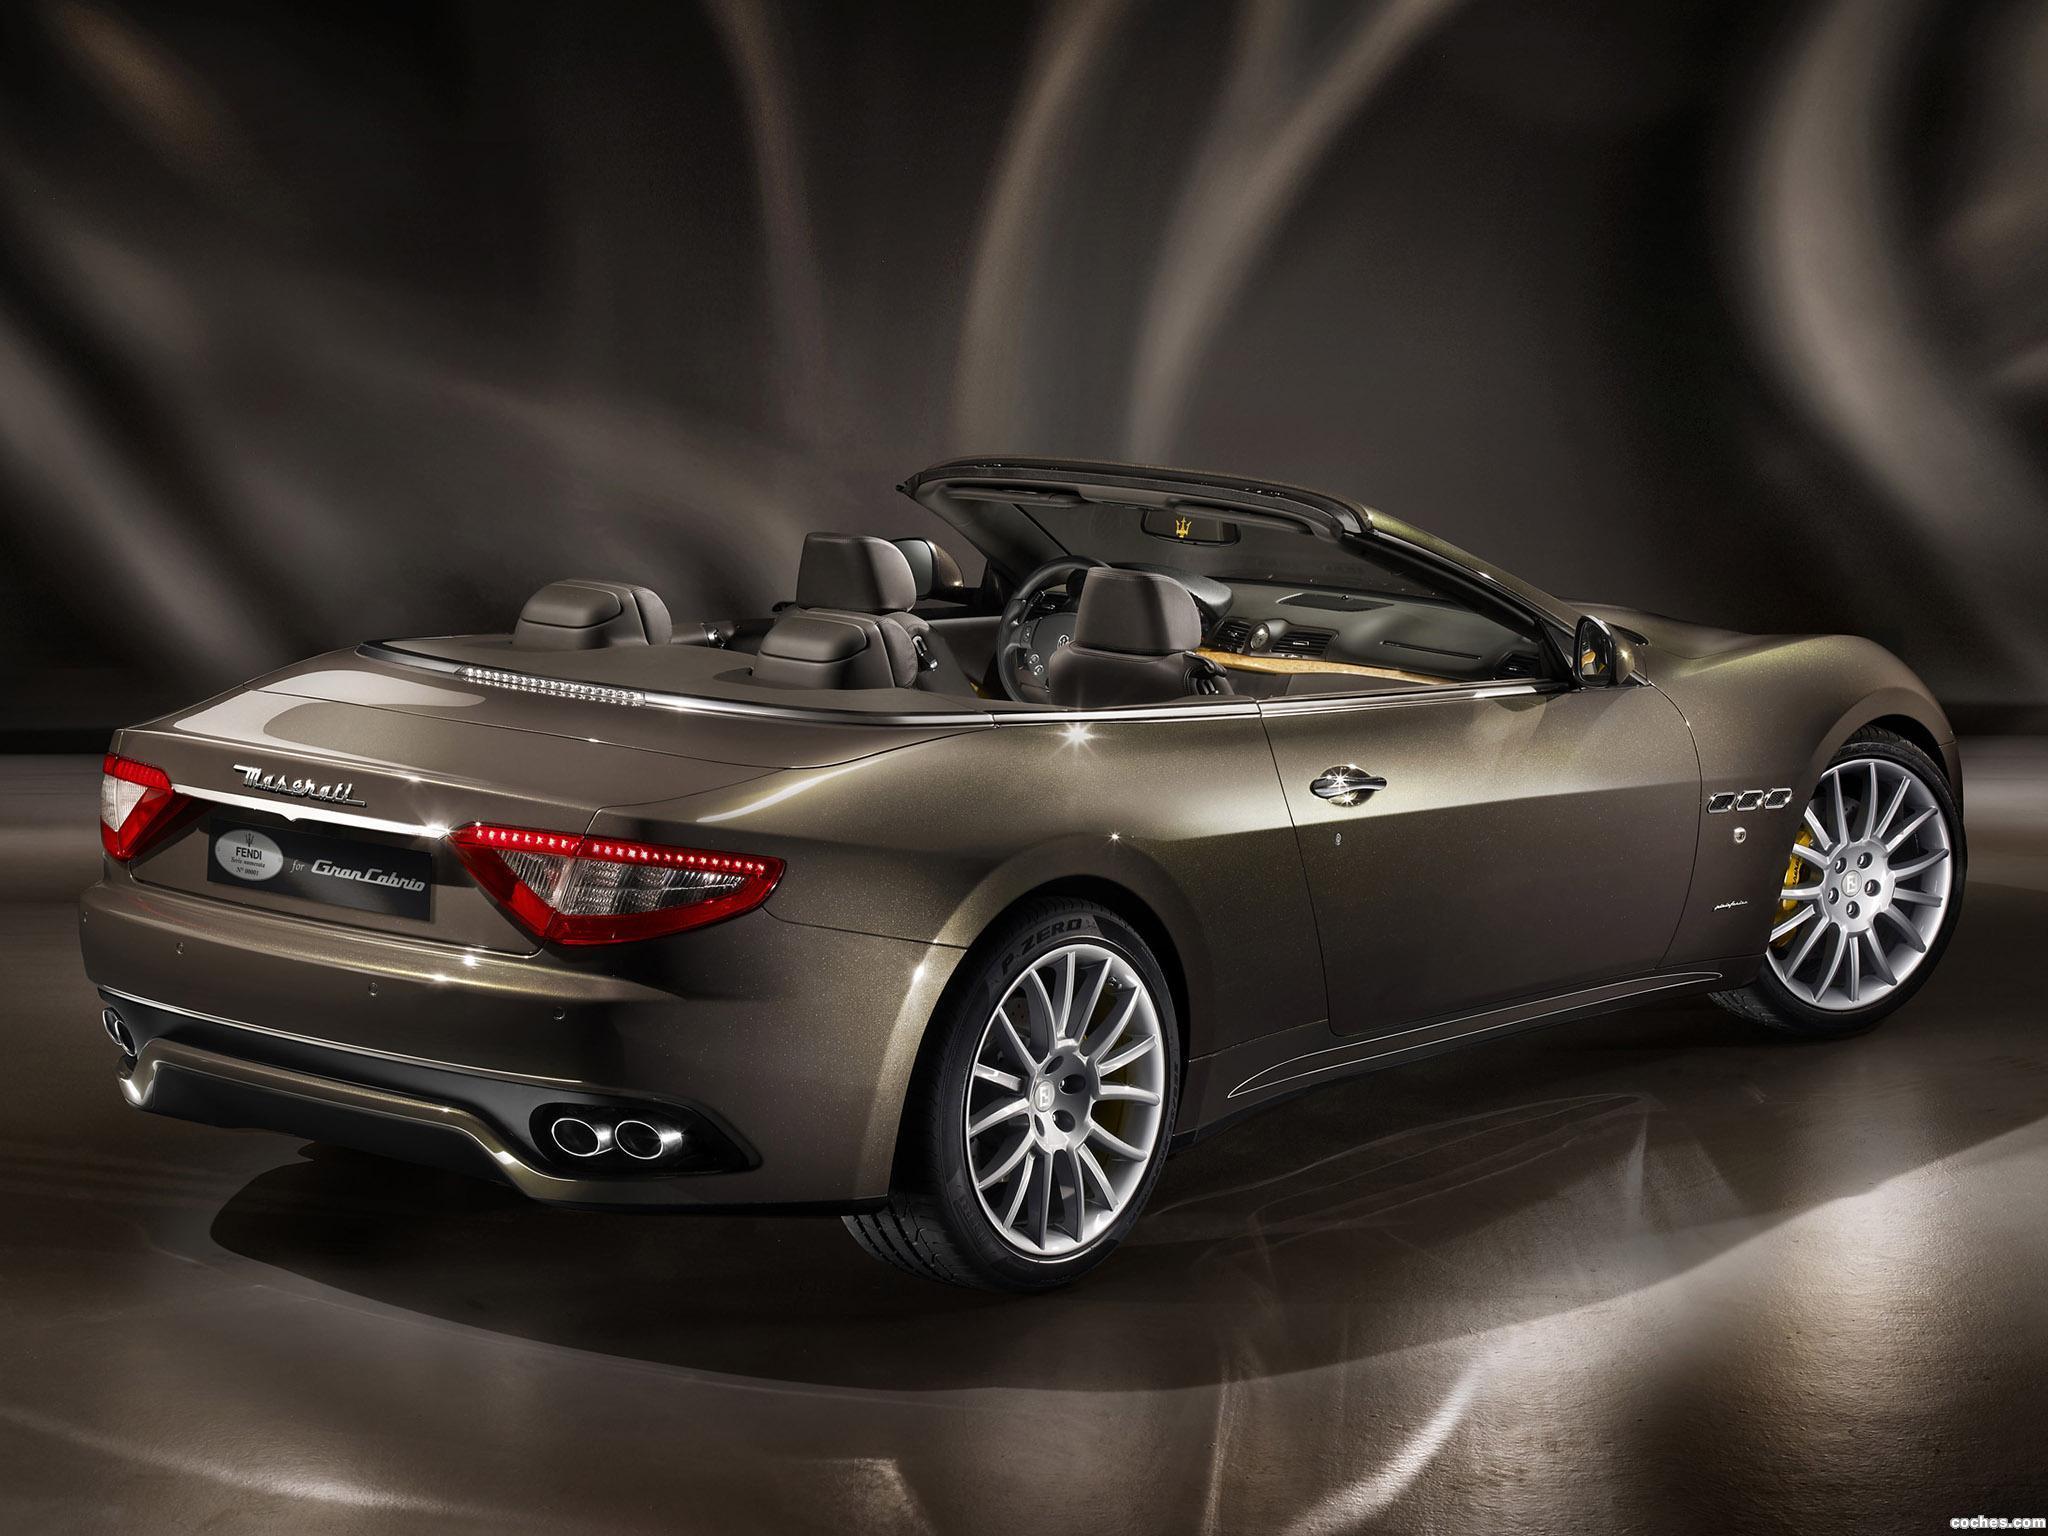 Foto 1 de Maserati GranCabrio Fendi 2011